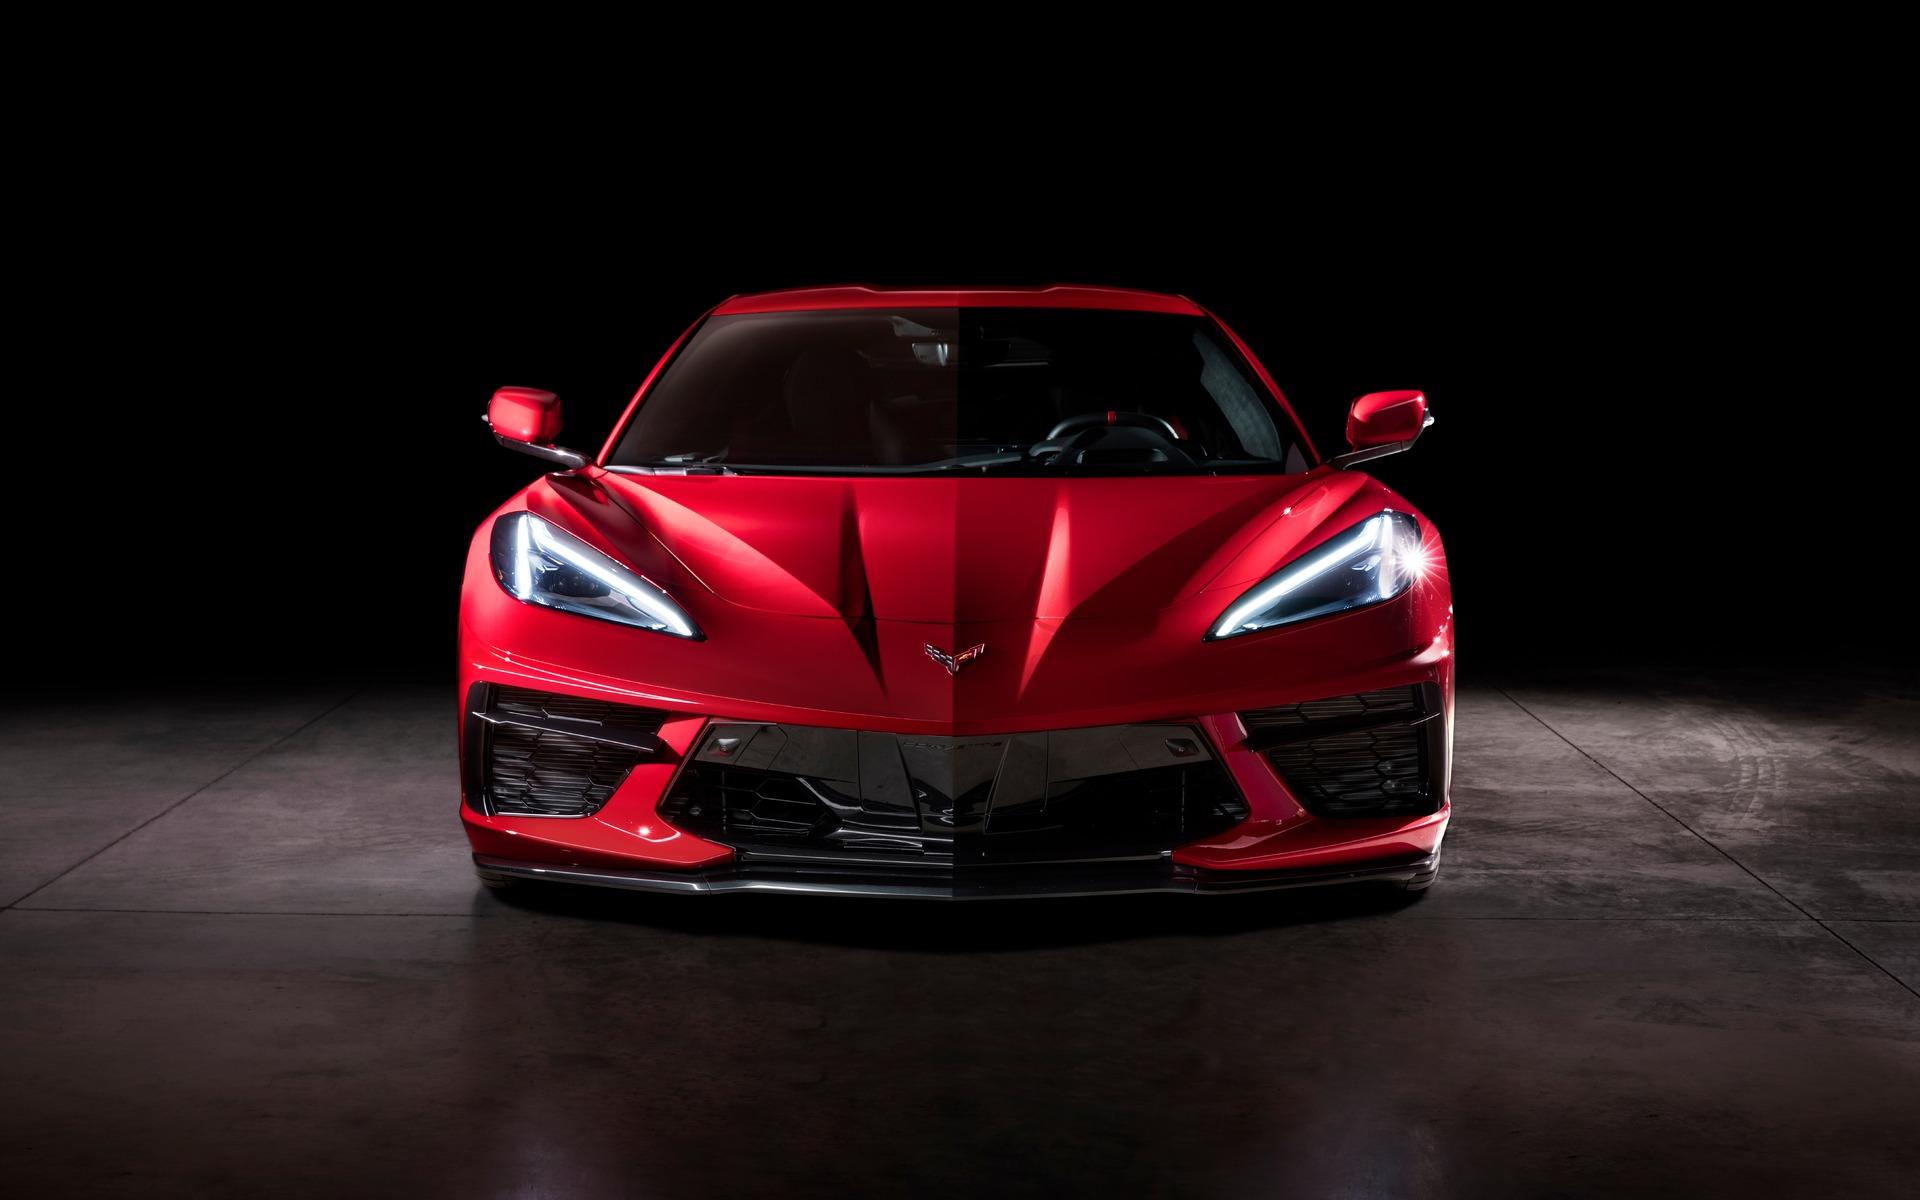 2020 Chevrolet Corvette The New Pride Of America The Car Guide